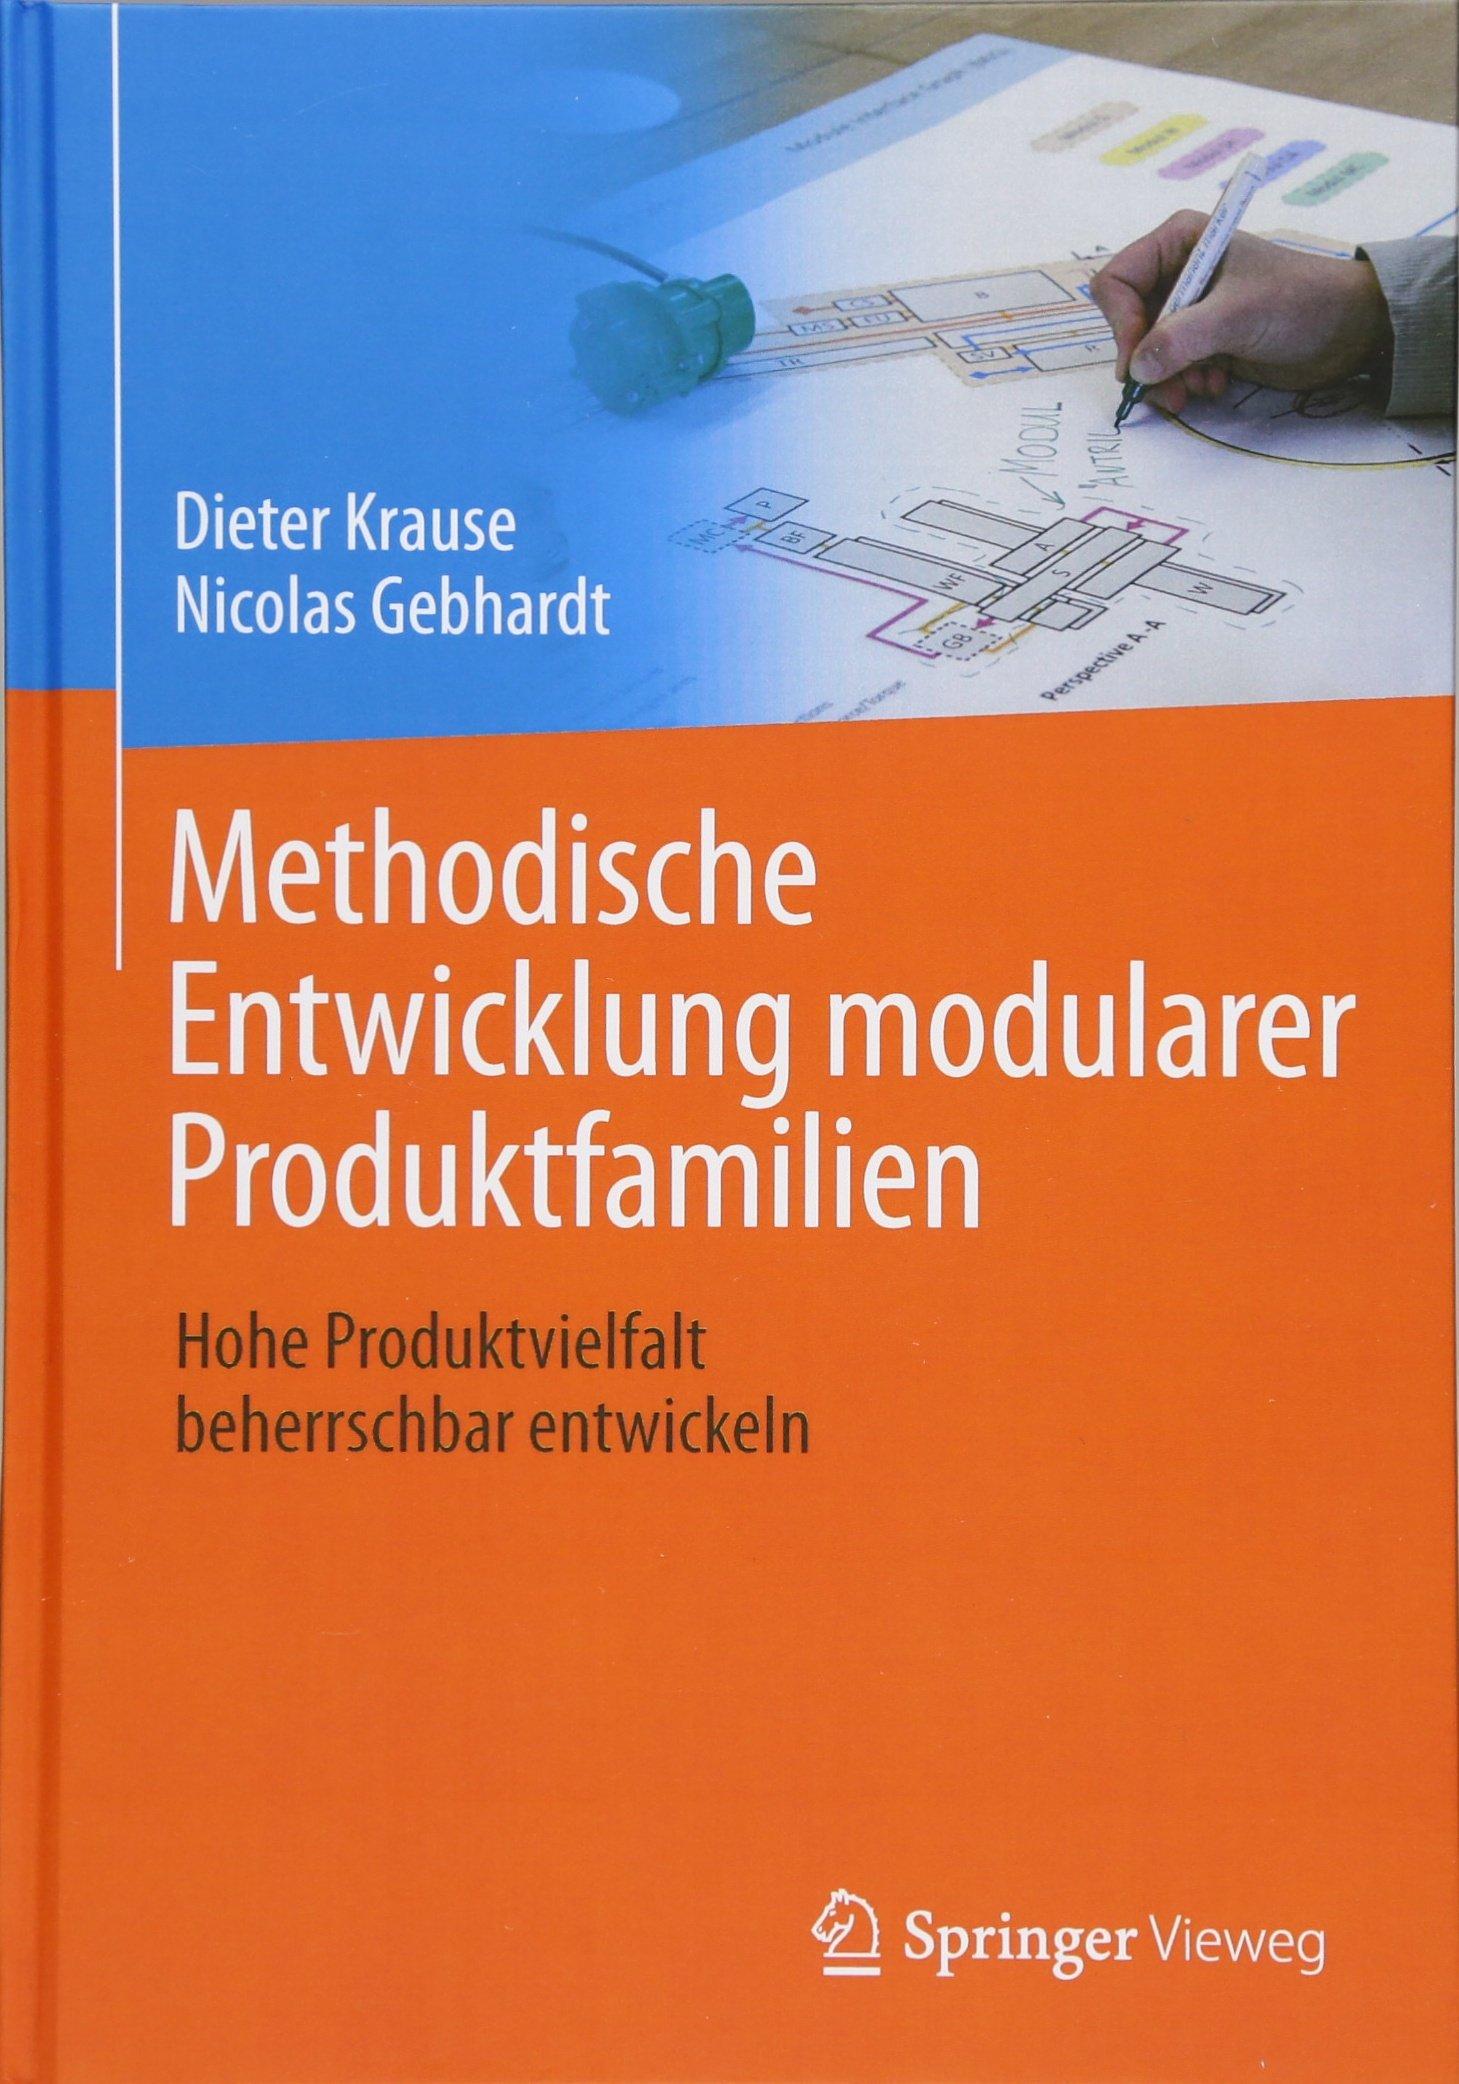 Methodische Entwicklung modularer Produktfamilien: Hohe Produktvielfalt beherrschbar entwickeln Gebundenes Buch – 30. Januar 2018 Dieter Krause Nicolas Gebhardt Springer Vieweg 3662530392